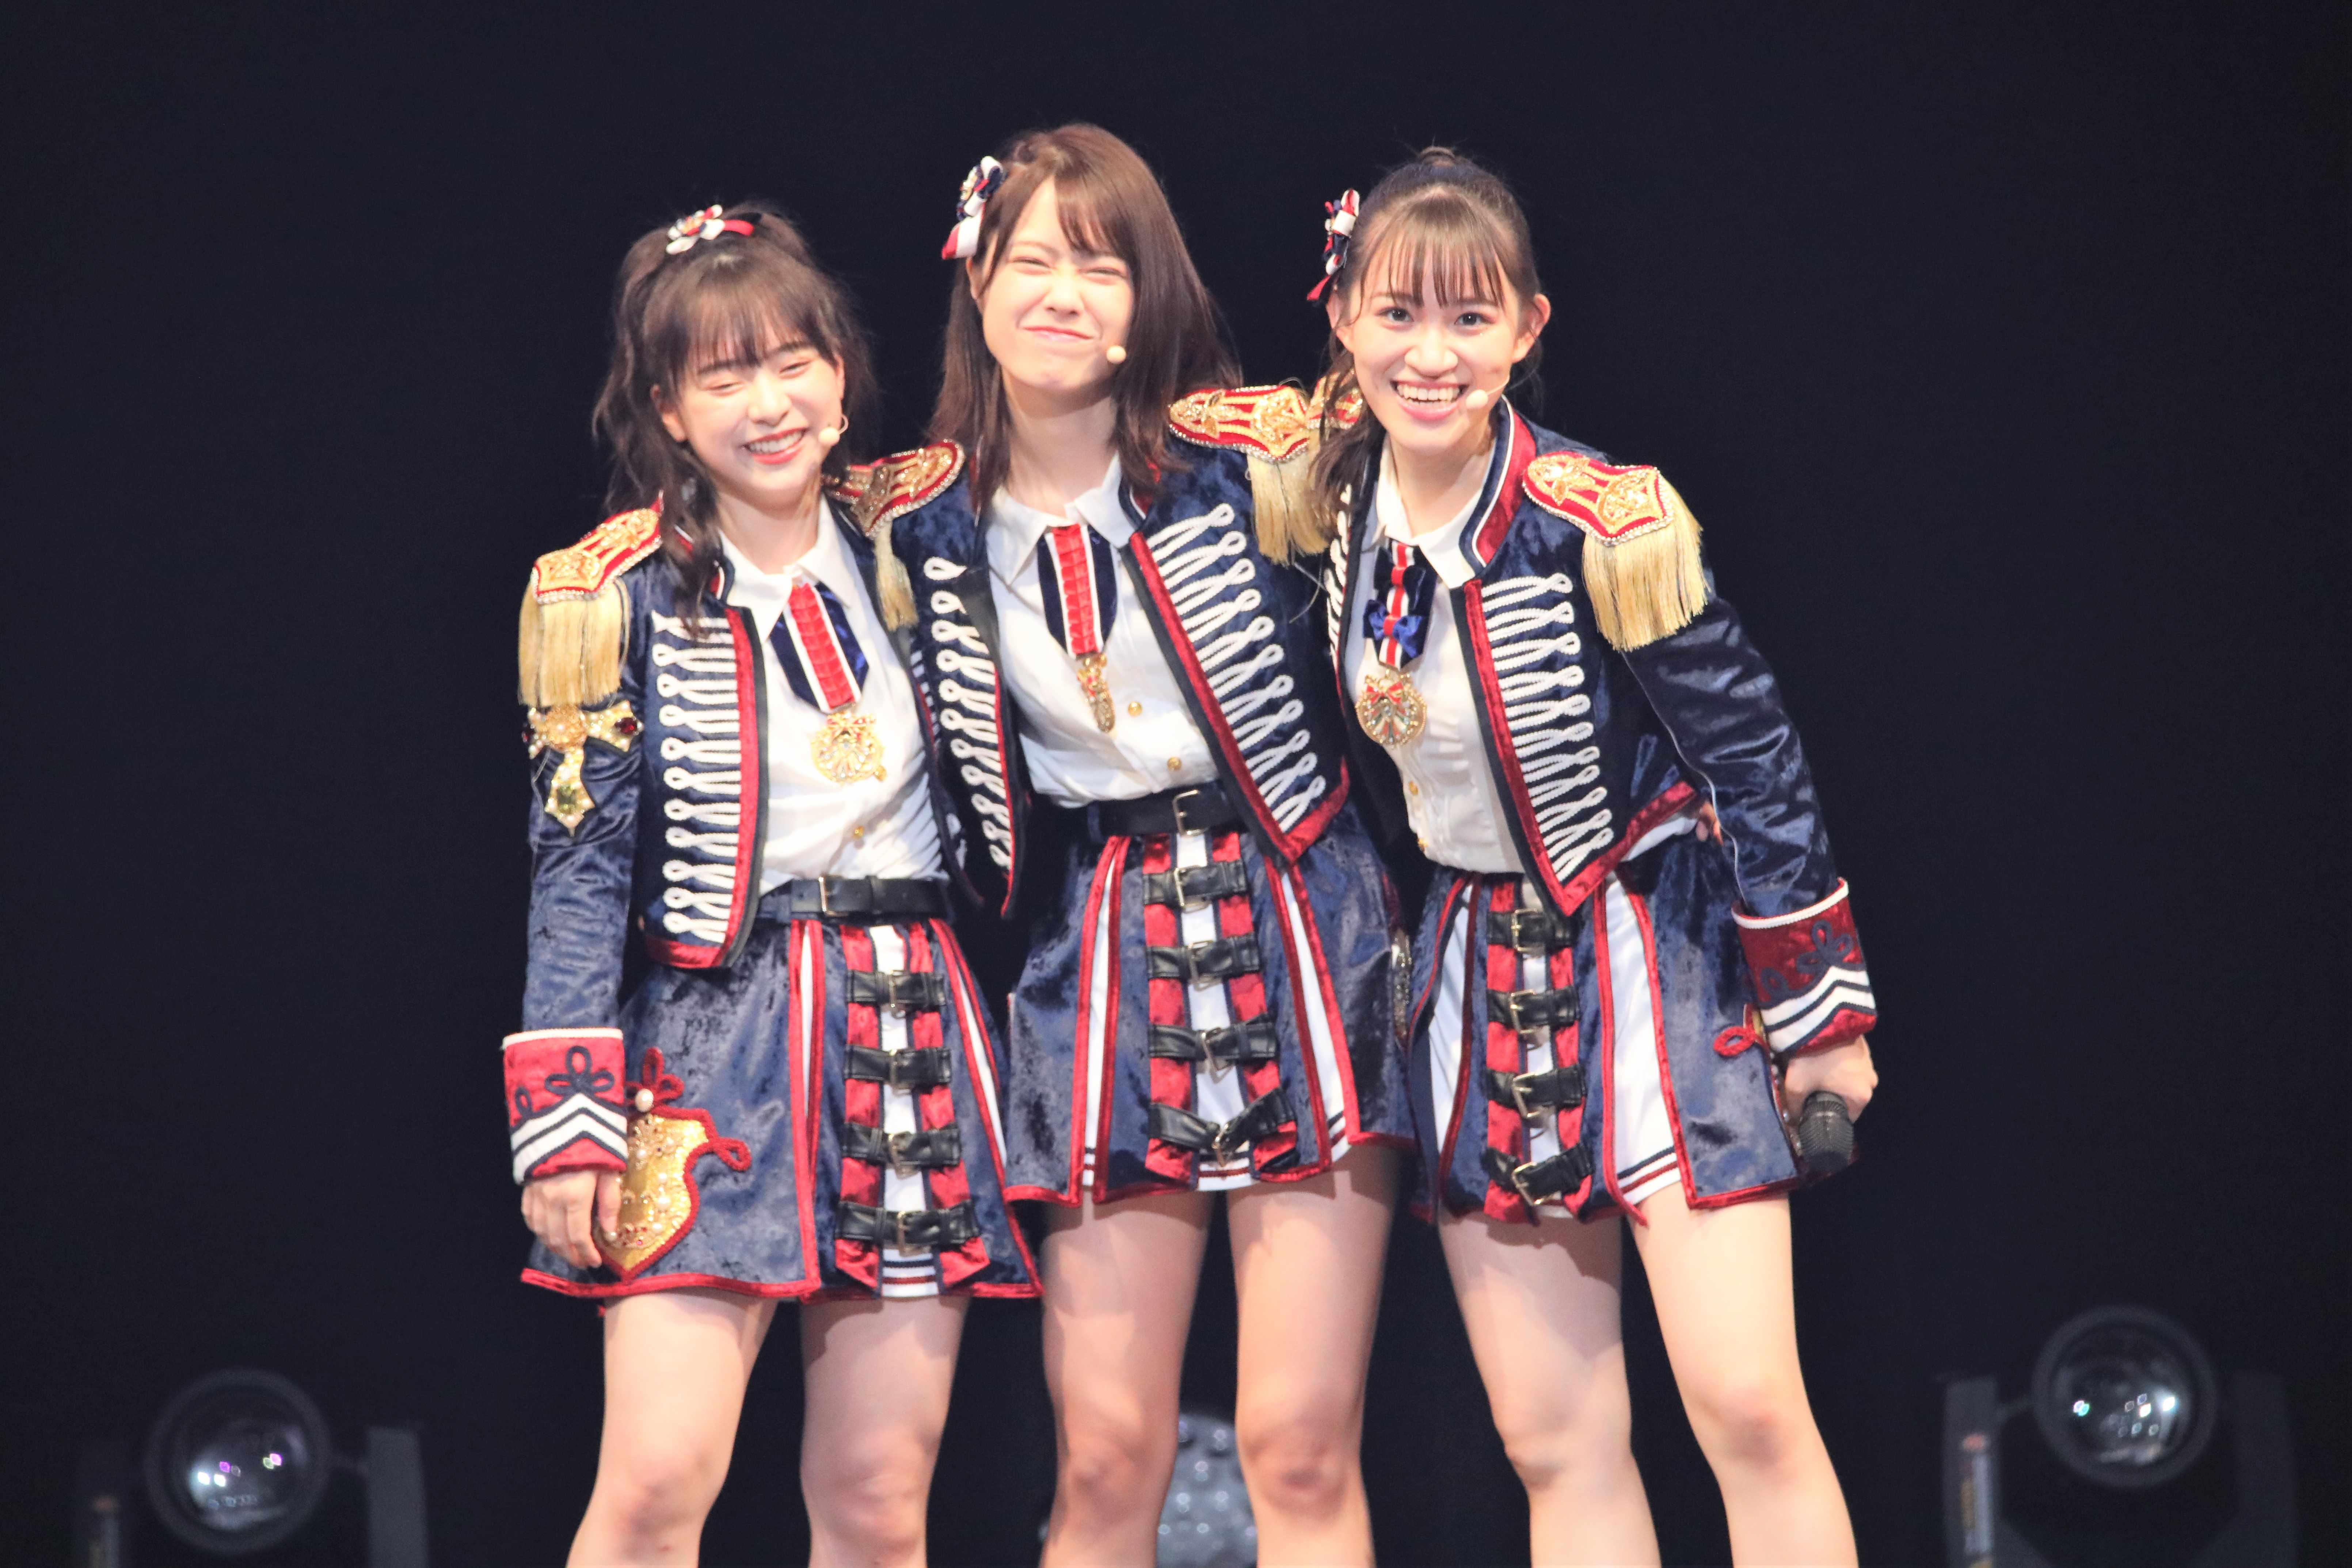 倉野尾成美・小田えりな・下口ひなな ©AKB48 THE AUDISHOW製作委員会  無断アップロード及び転送は一切禁止です。